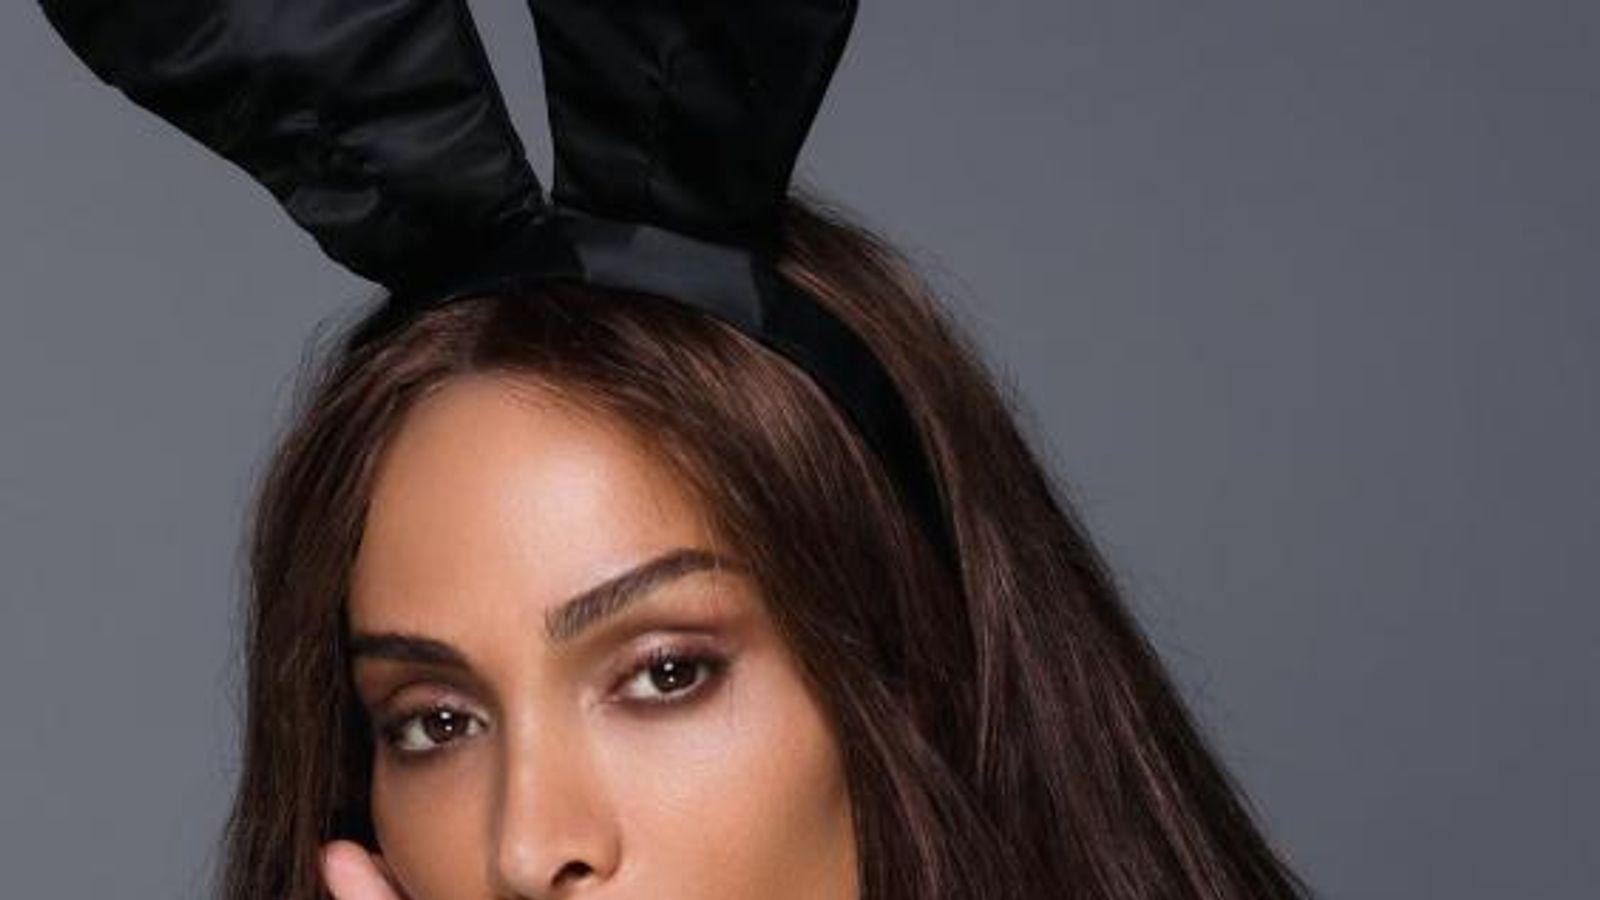 Meet Playboys first transgender Playmate, Ines Rau - New